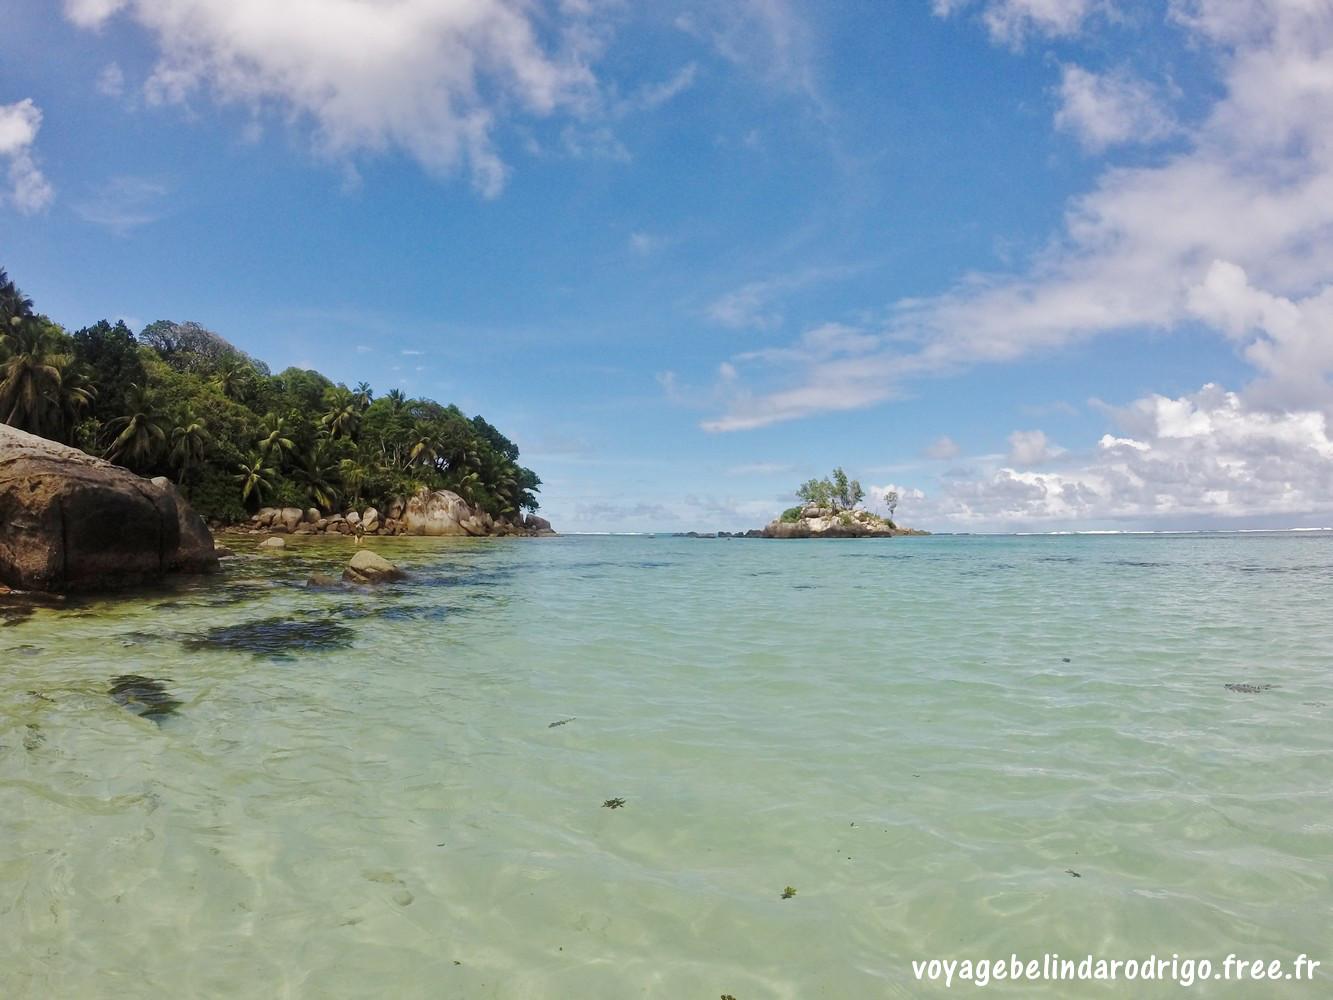 Anse Royale et Ile Souris - Mahé